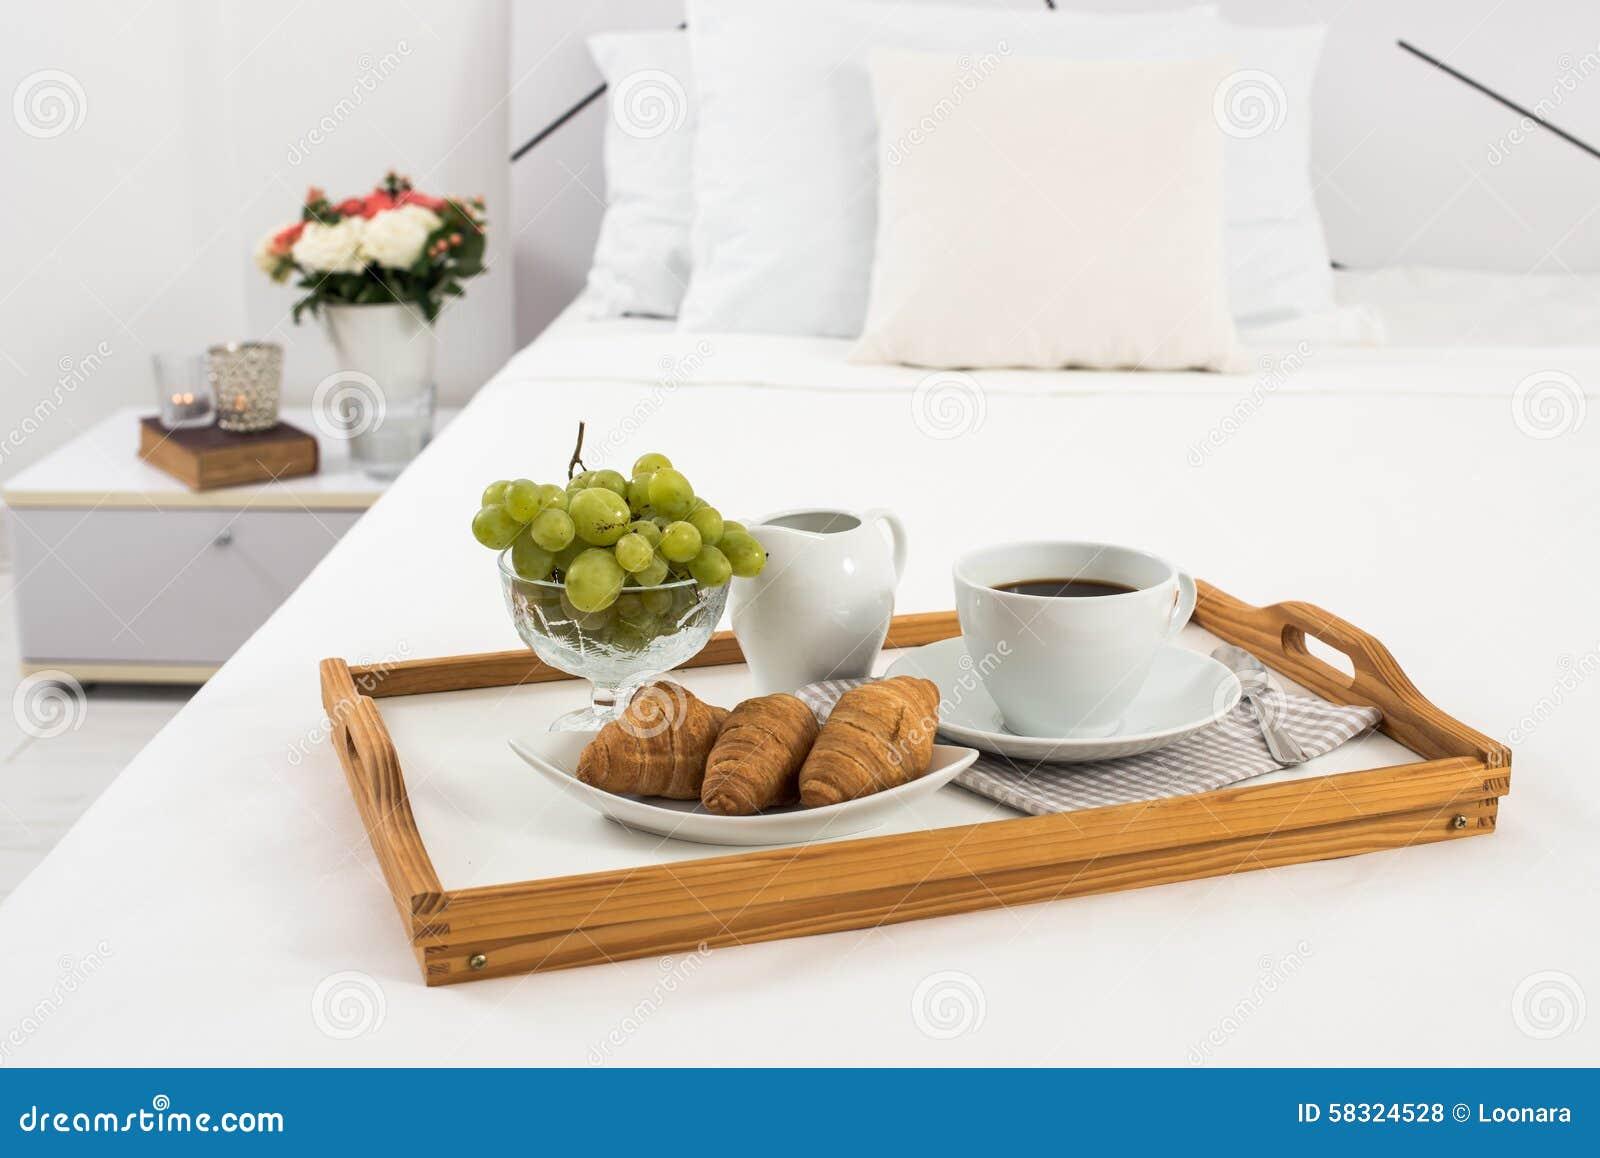 Frühstück Im Bett Stockfoto Bild Von Bettwäsche Möbel 58324528